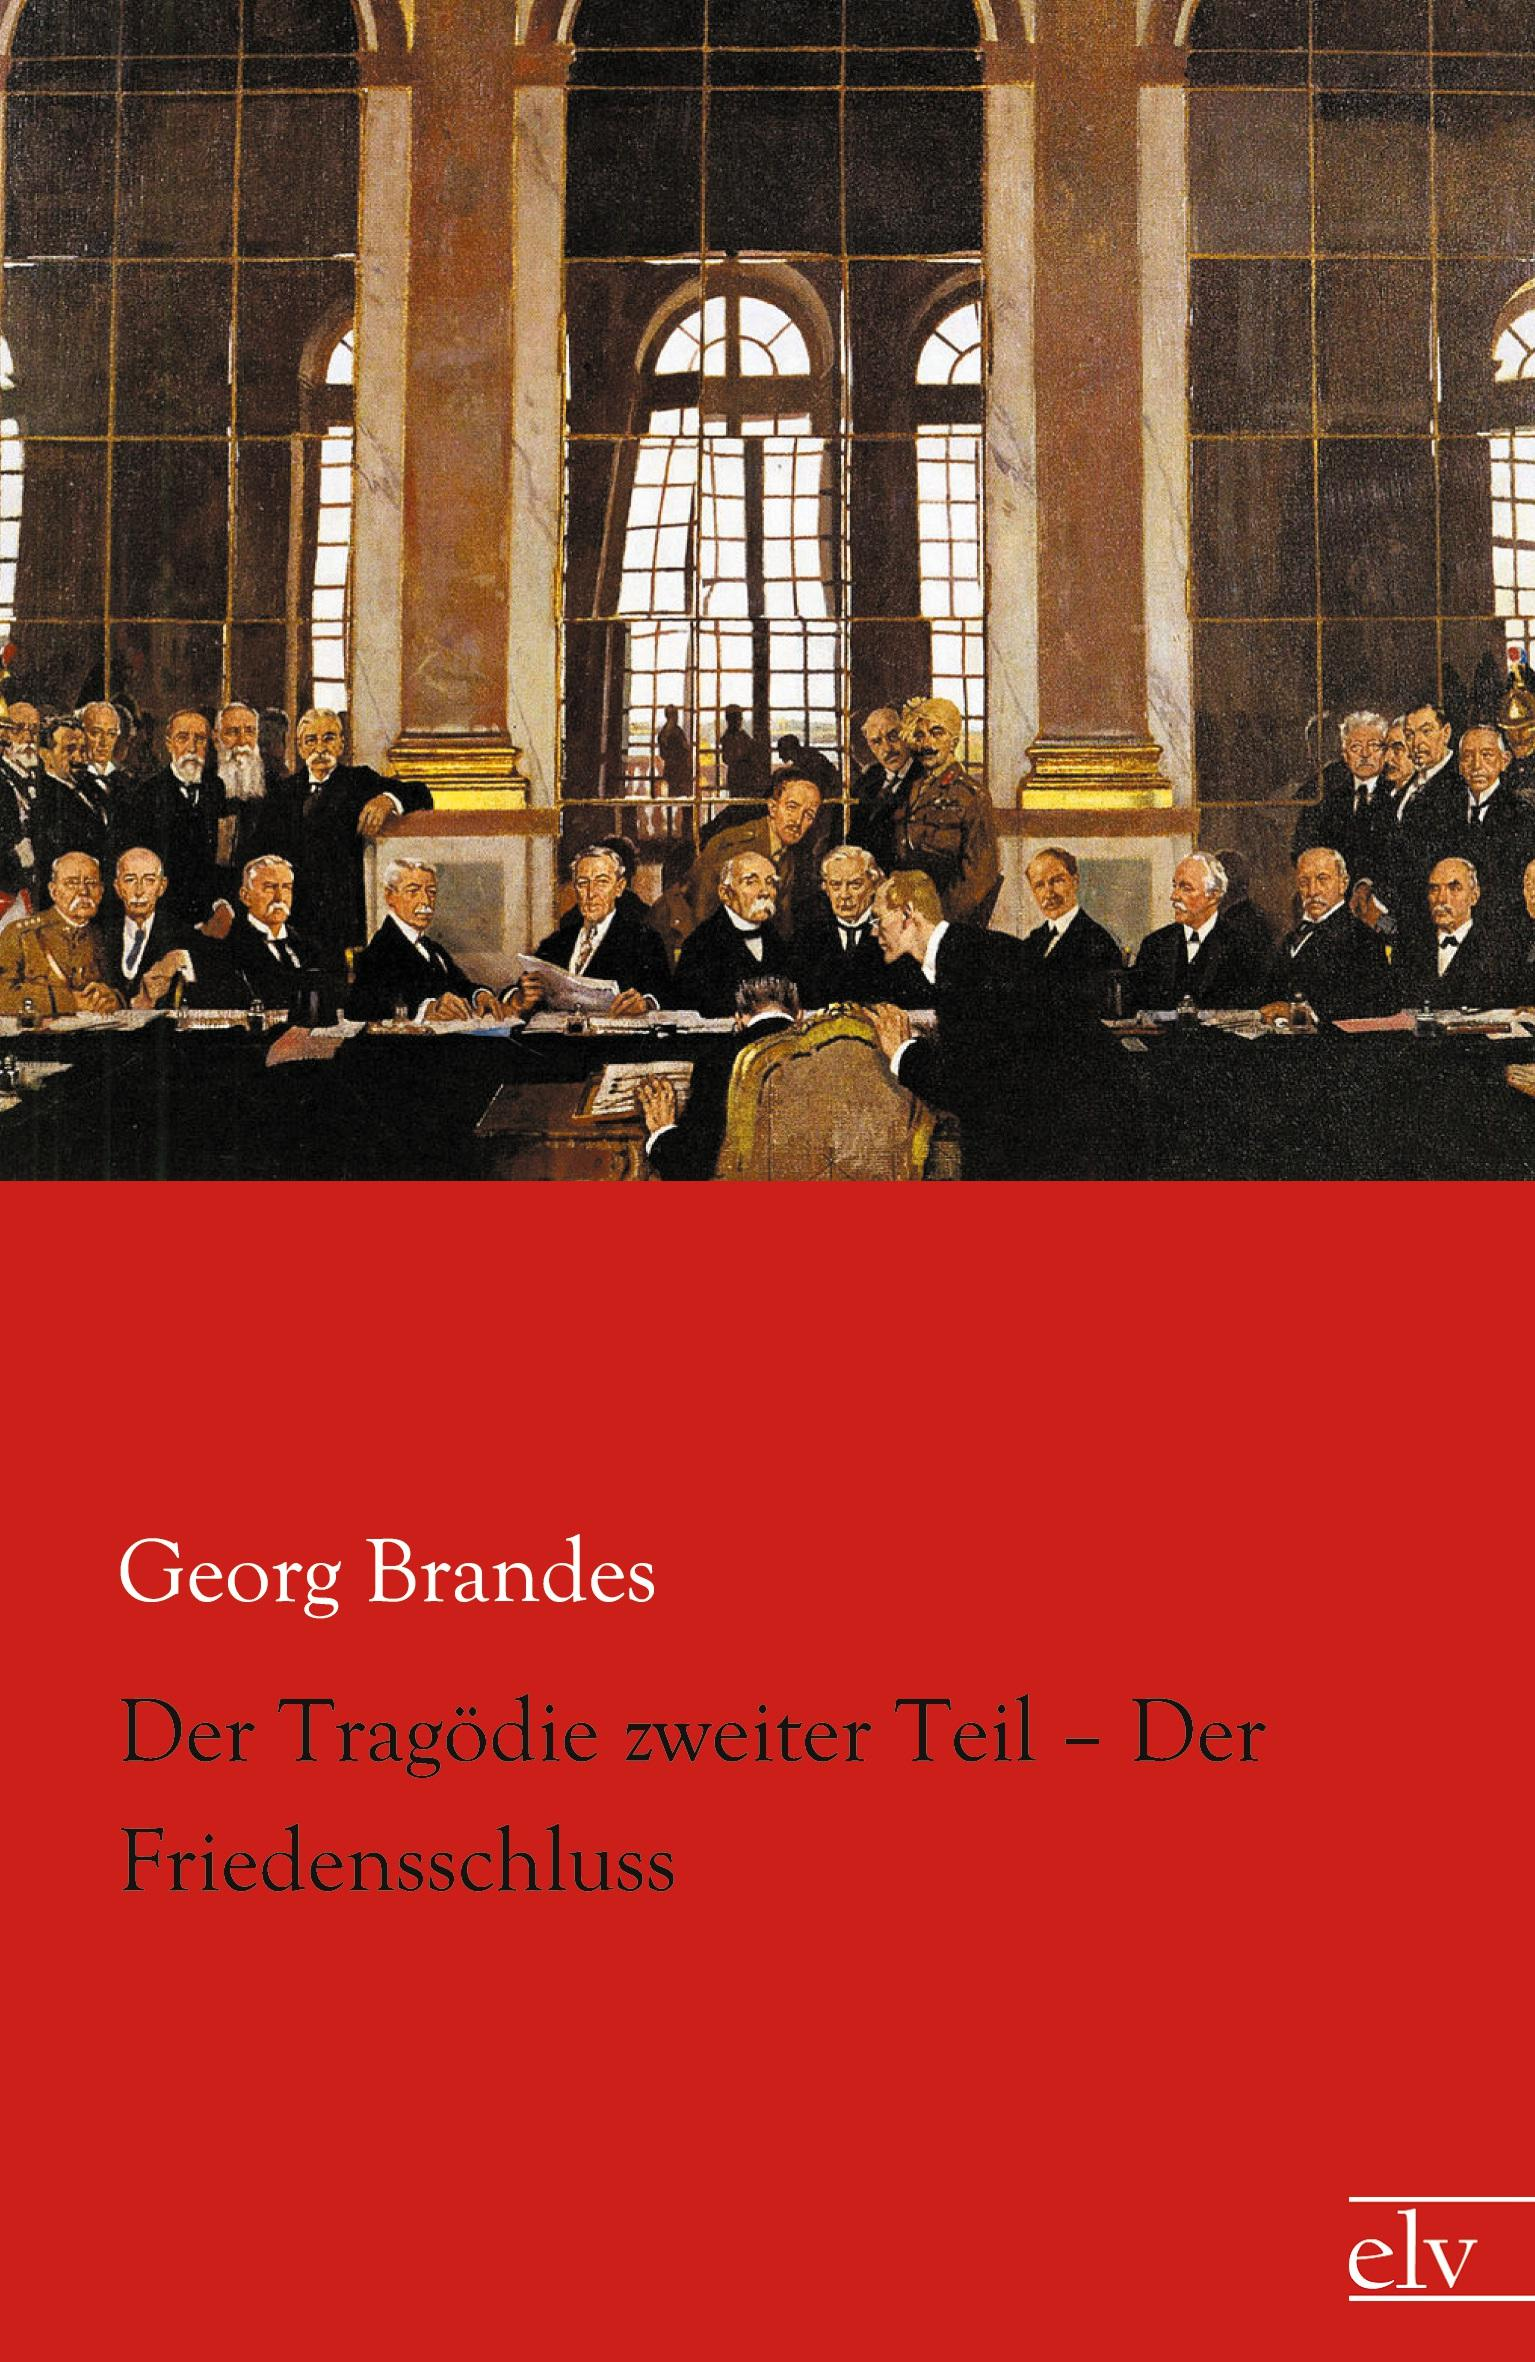 Der Tragödie zweiter Teil: Der Friedensschluss  Georg Brandes  Taschenbuch  Deutsch  2013 - Brandes, Georg